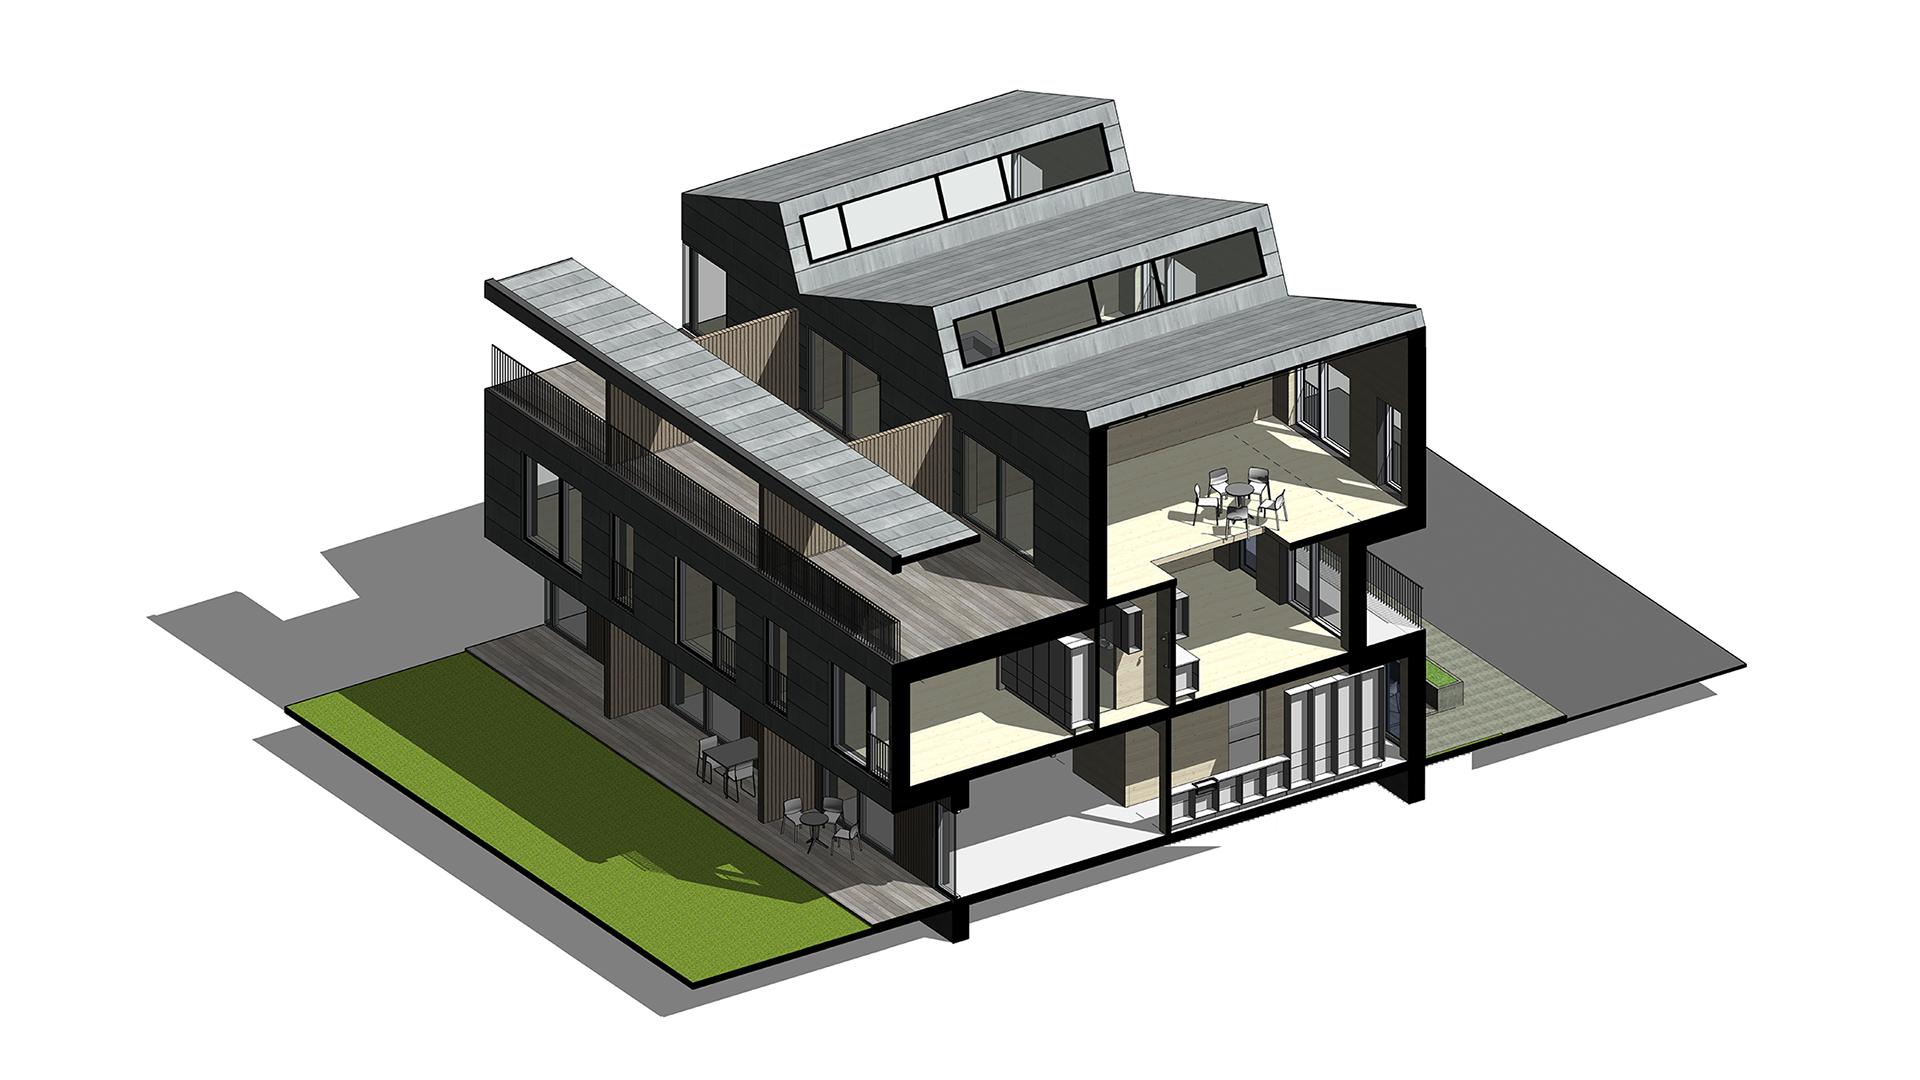 C:UsersdanieDesktopVium Arkitekter HjemmesideMateriale til